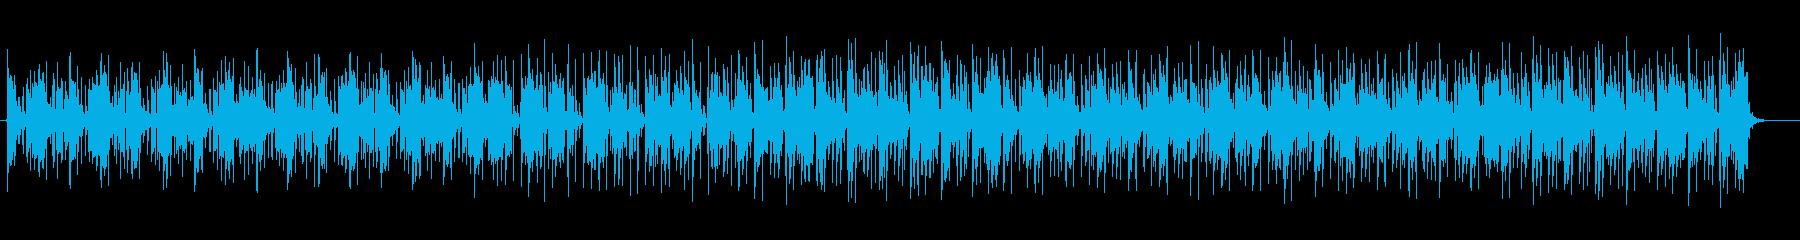 ファンタジーでおしゃれなシンセテクノの再生済みの波形